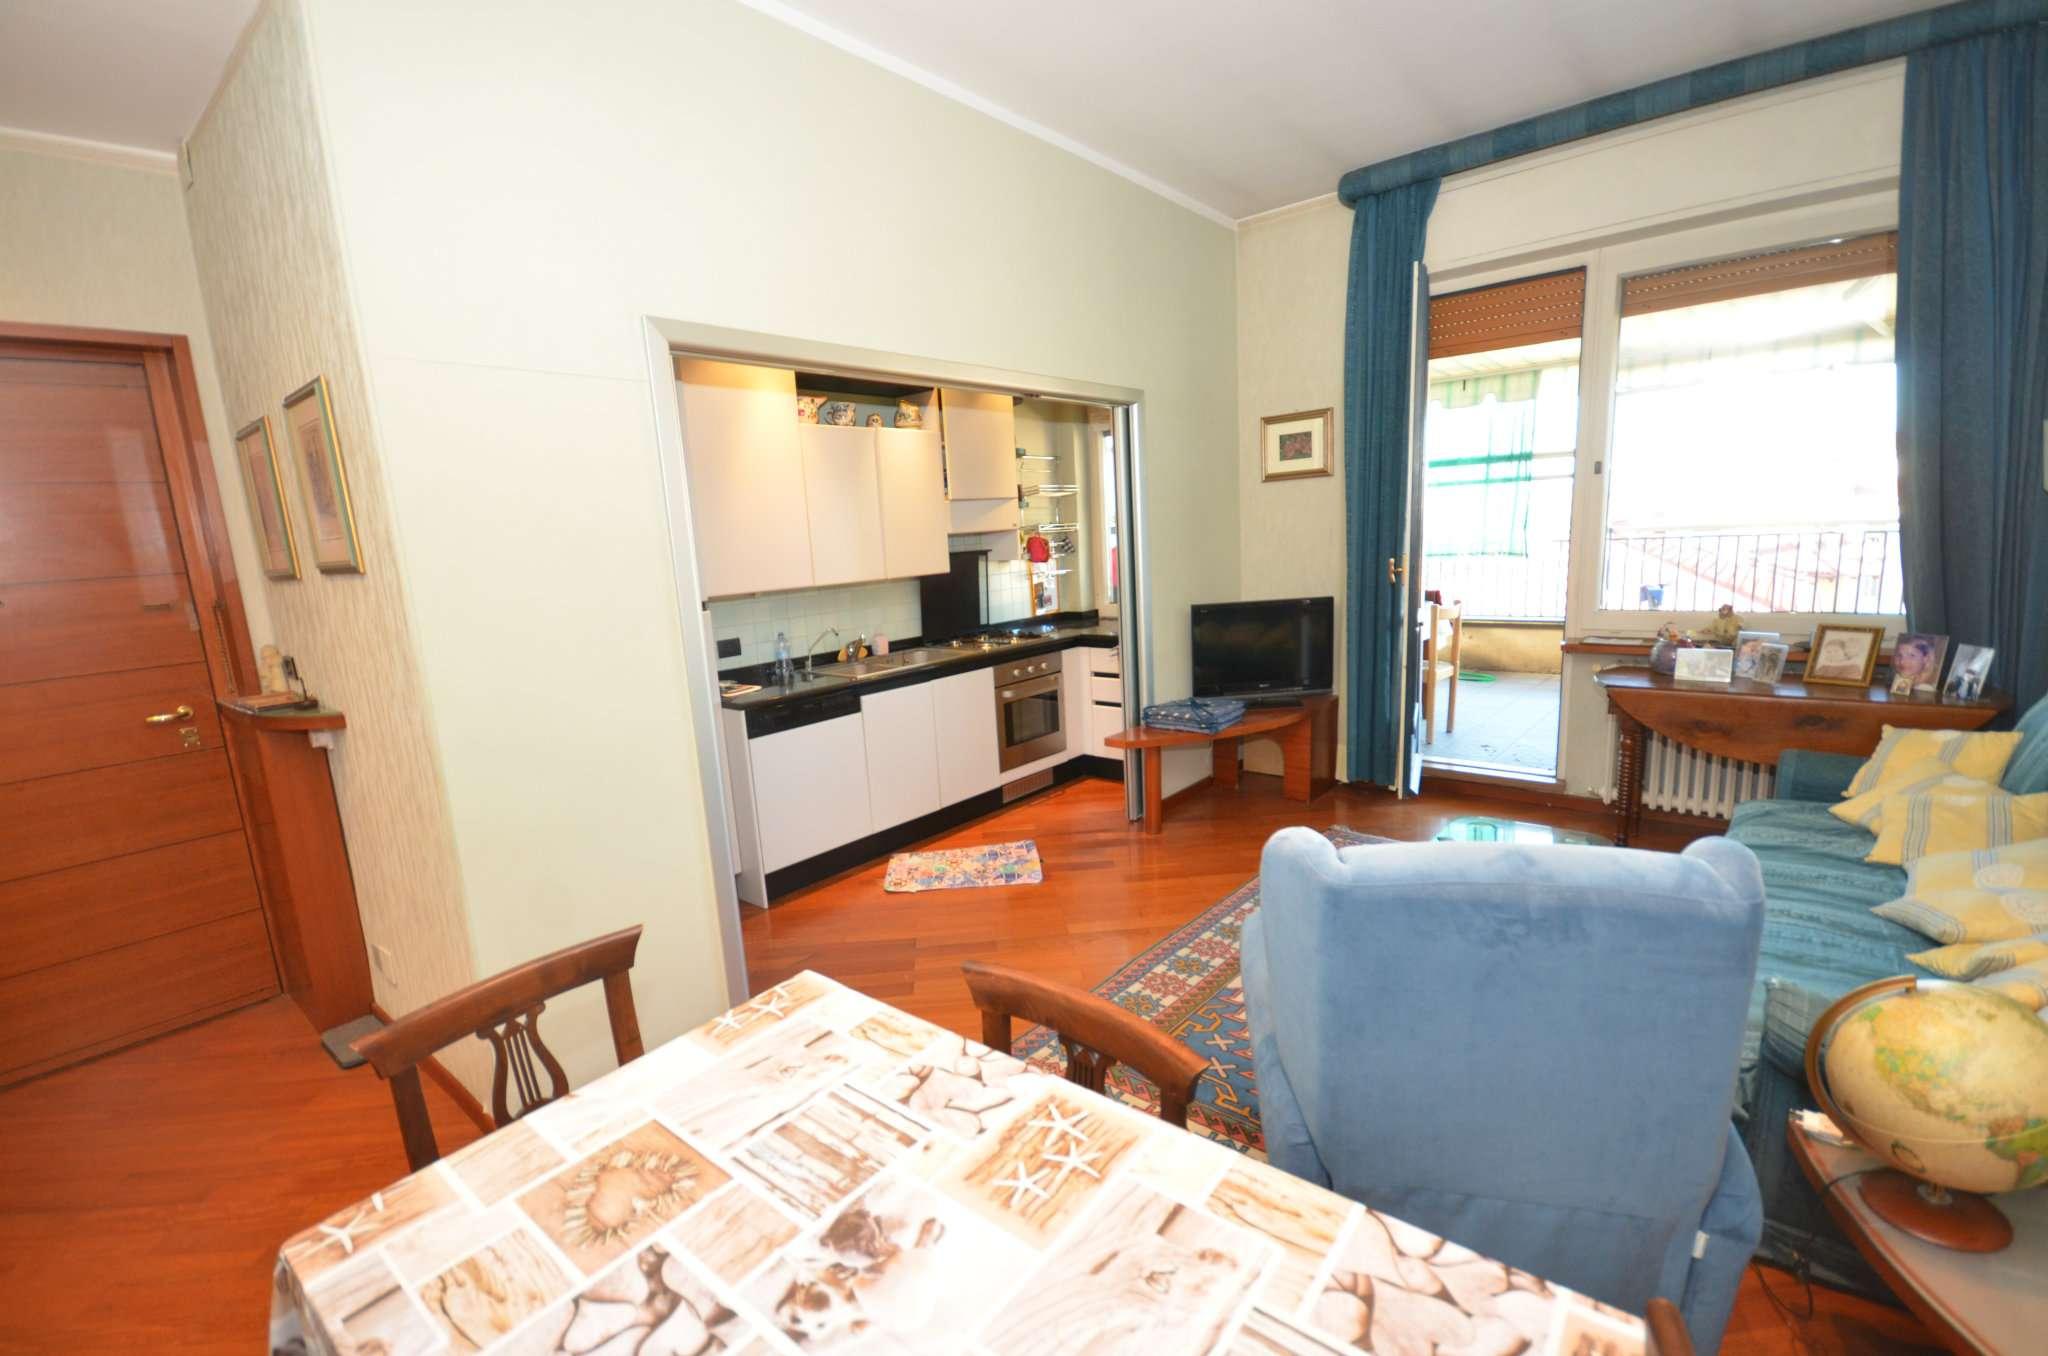 Appartamento in vendita a Cuneo, 3 locali, prezzo € 175.000 | CambioCasa.it